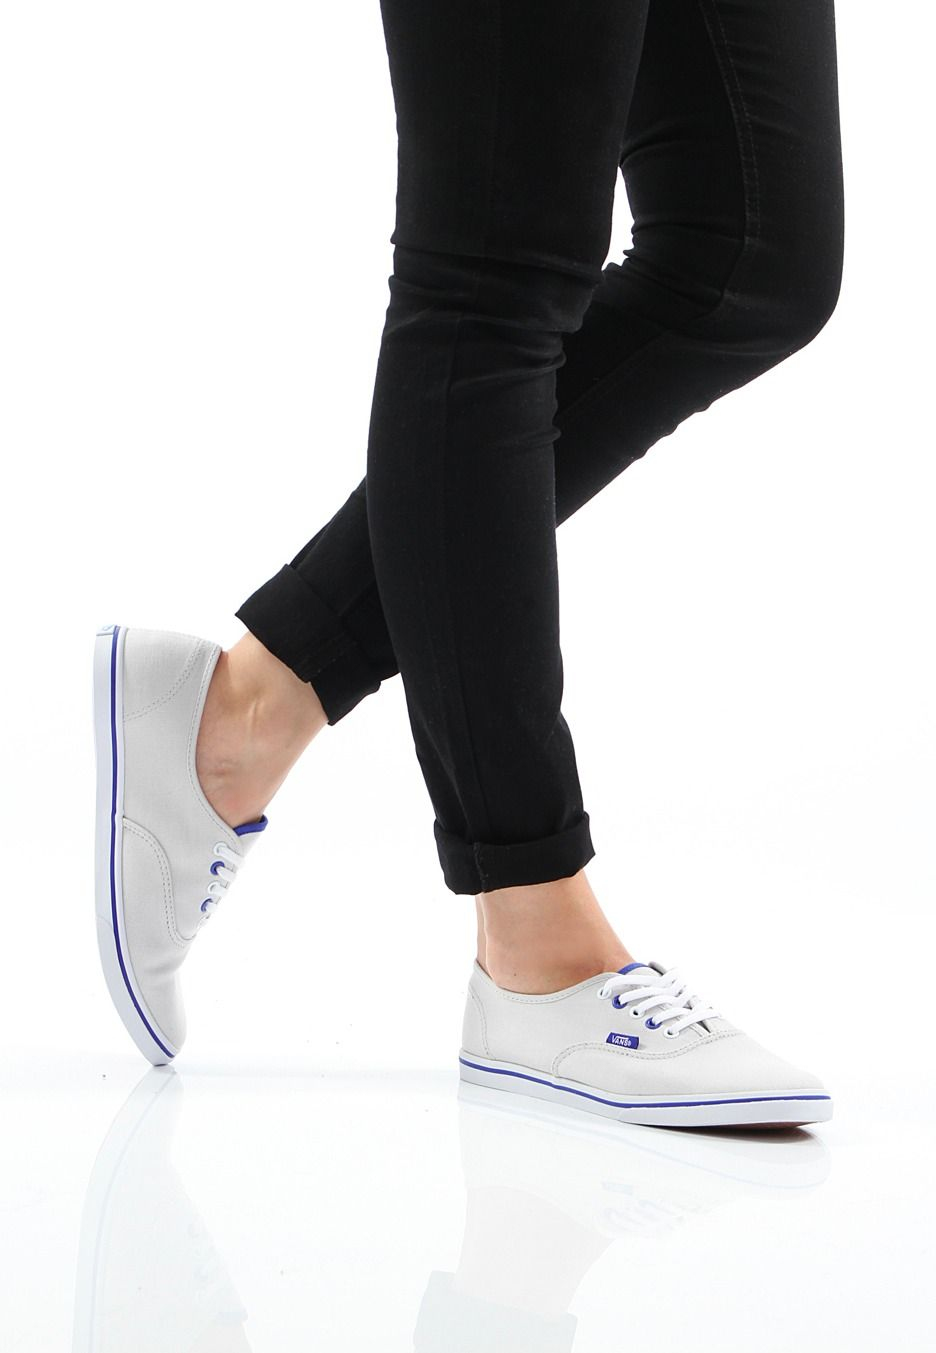 30a3c1497e9b Want em- Vans - Authentic Lo Pro Lunar Rock/True White - Girl Shoes ...